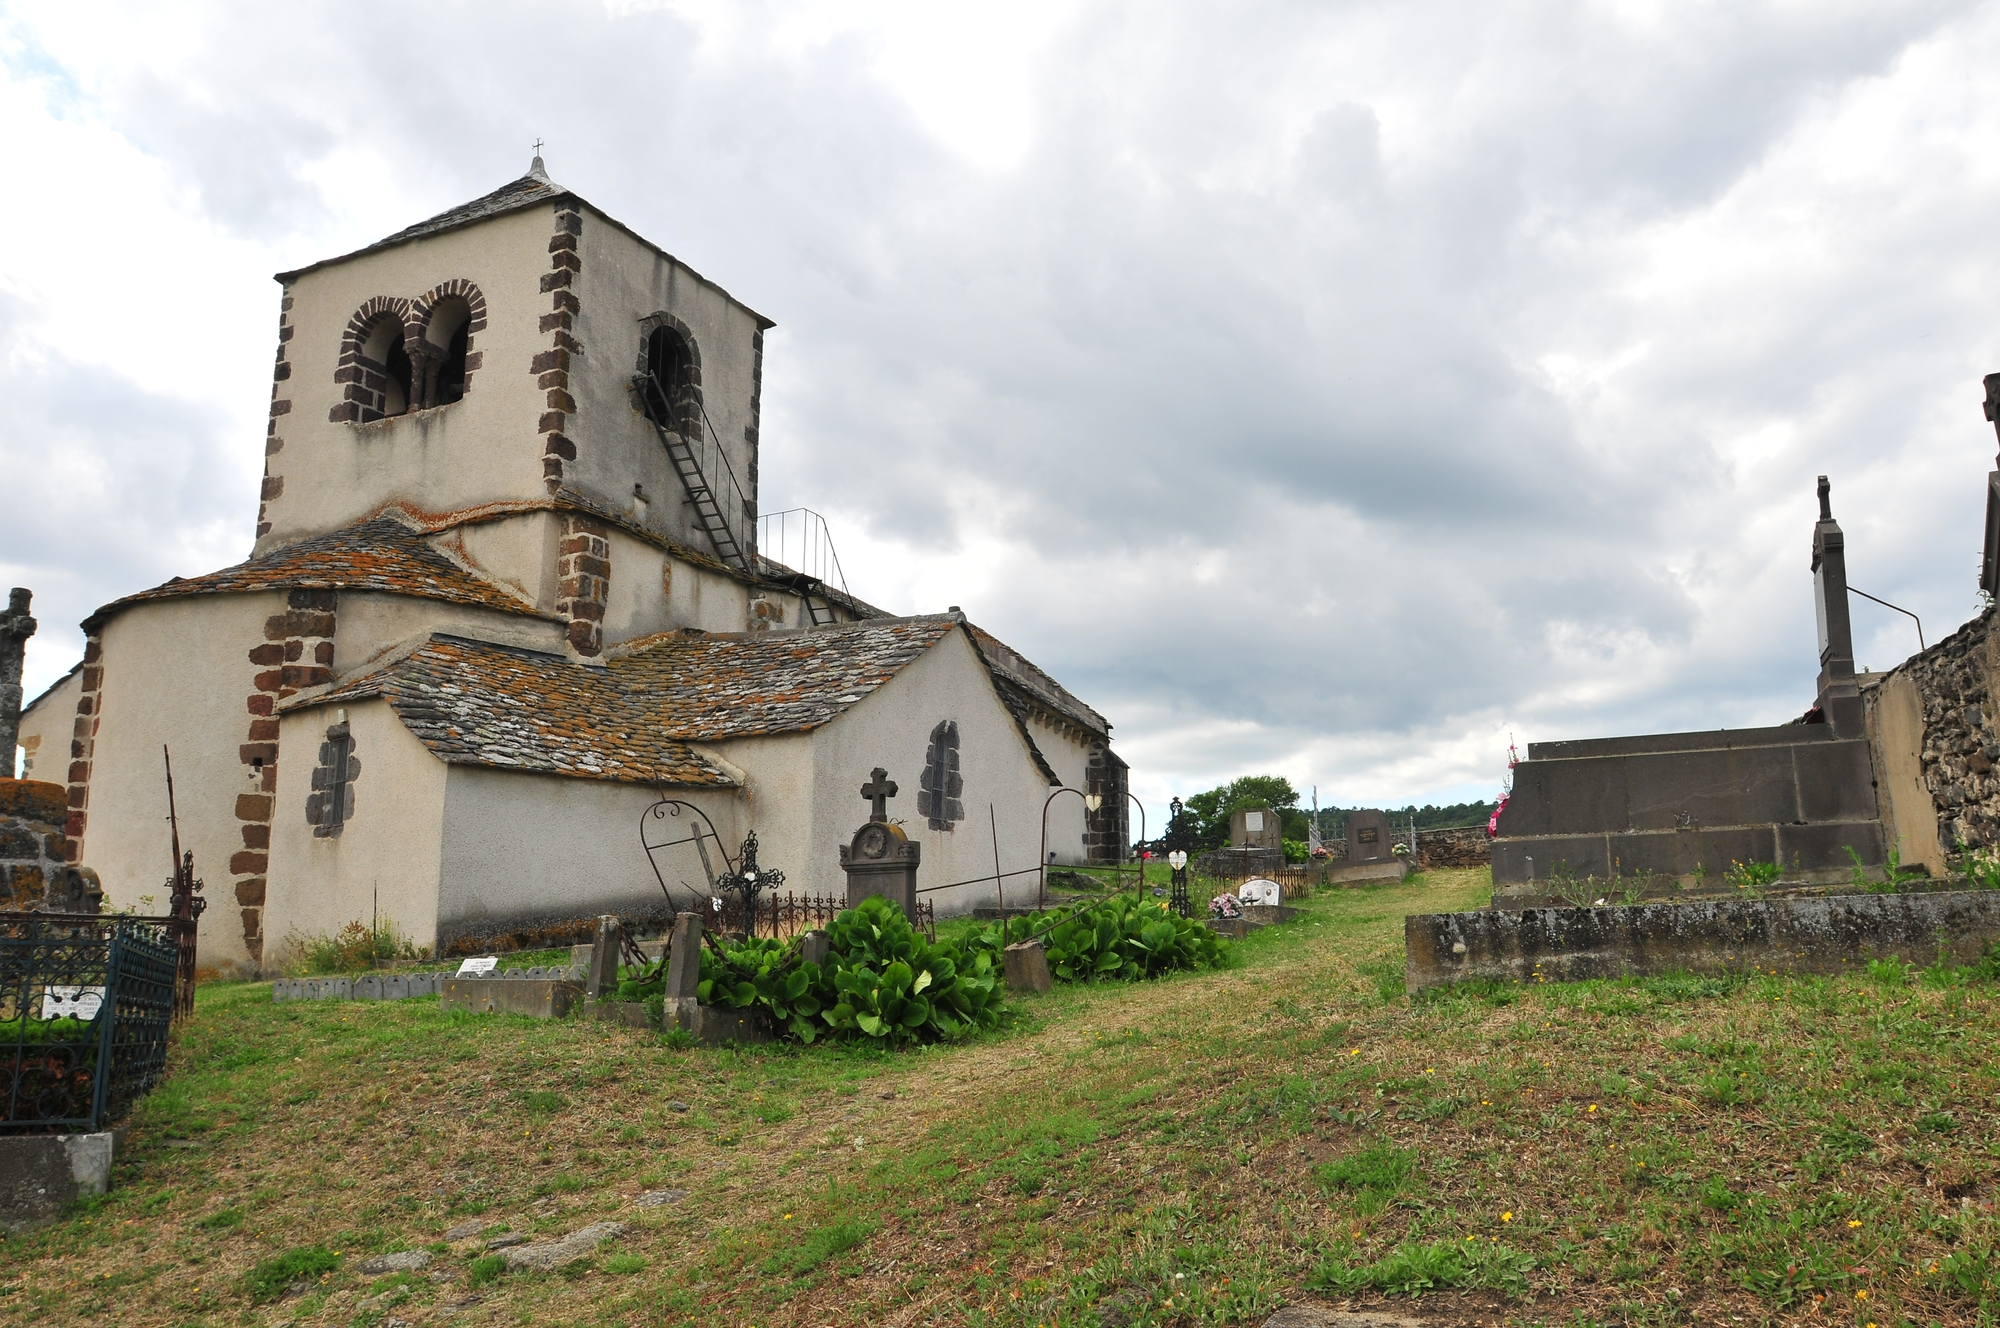 Eglise de Colamine-sur-Vodable